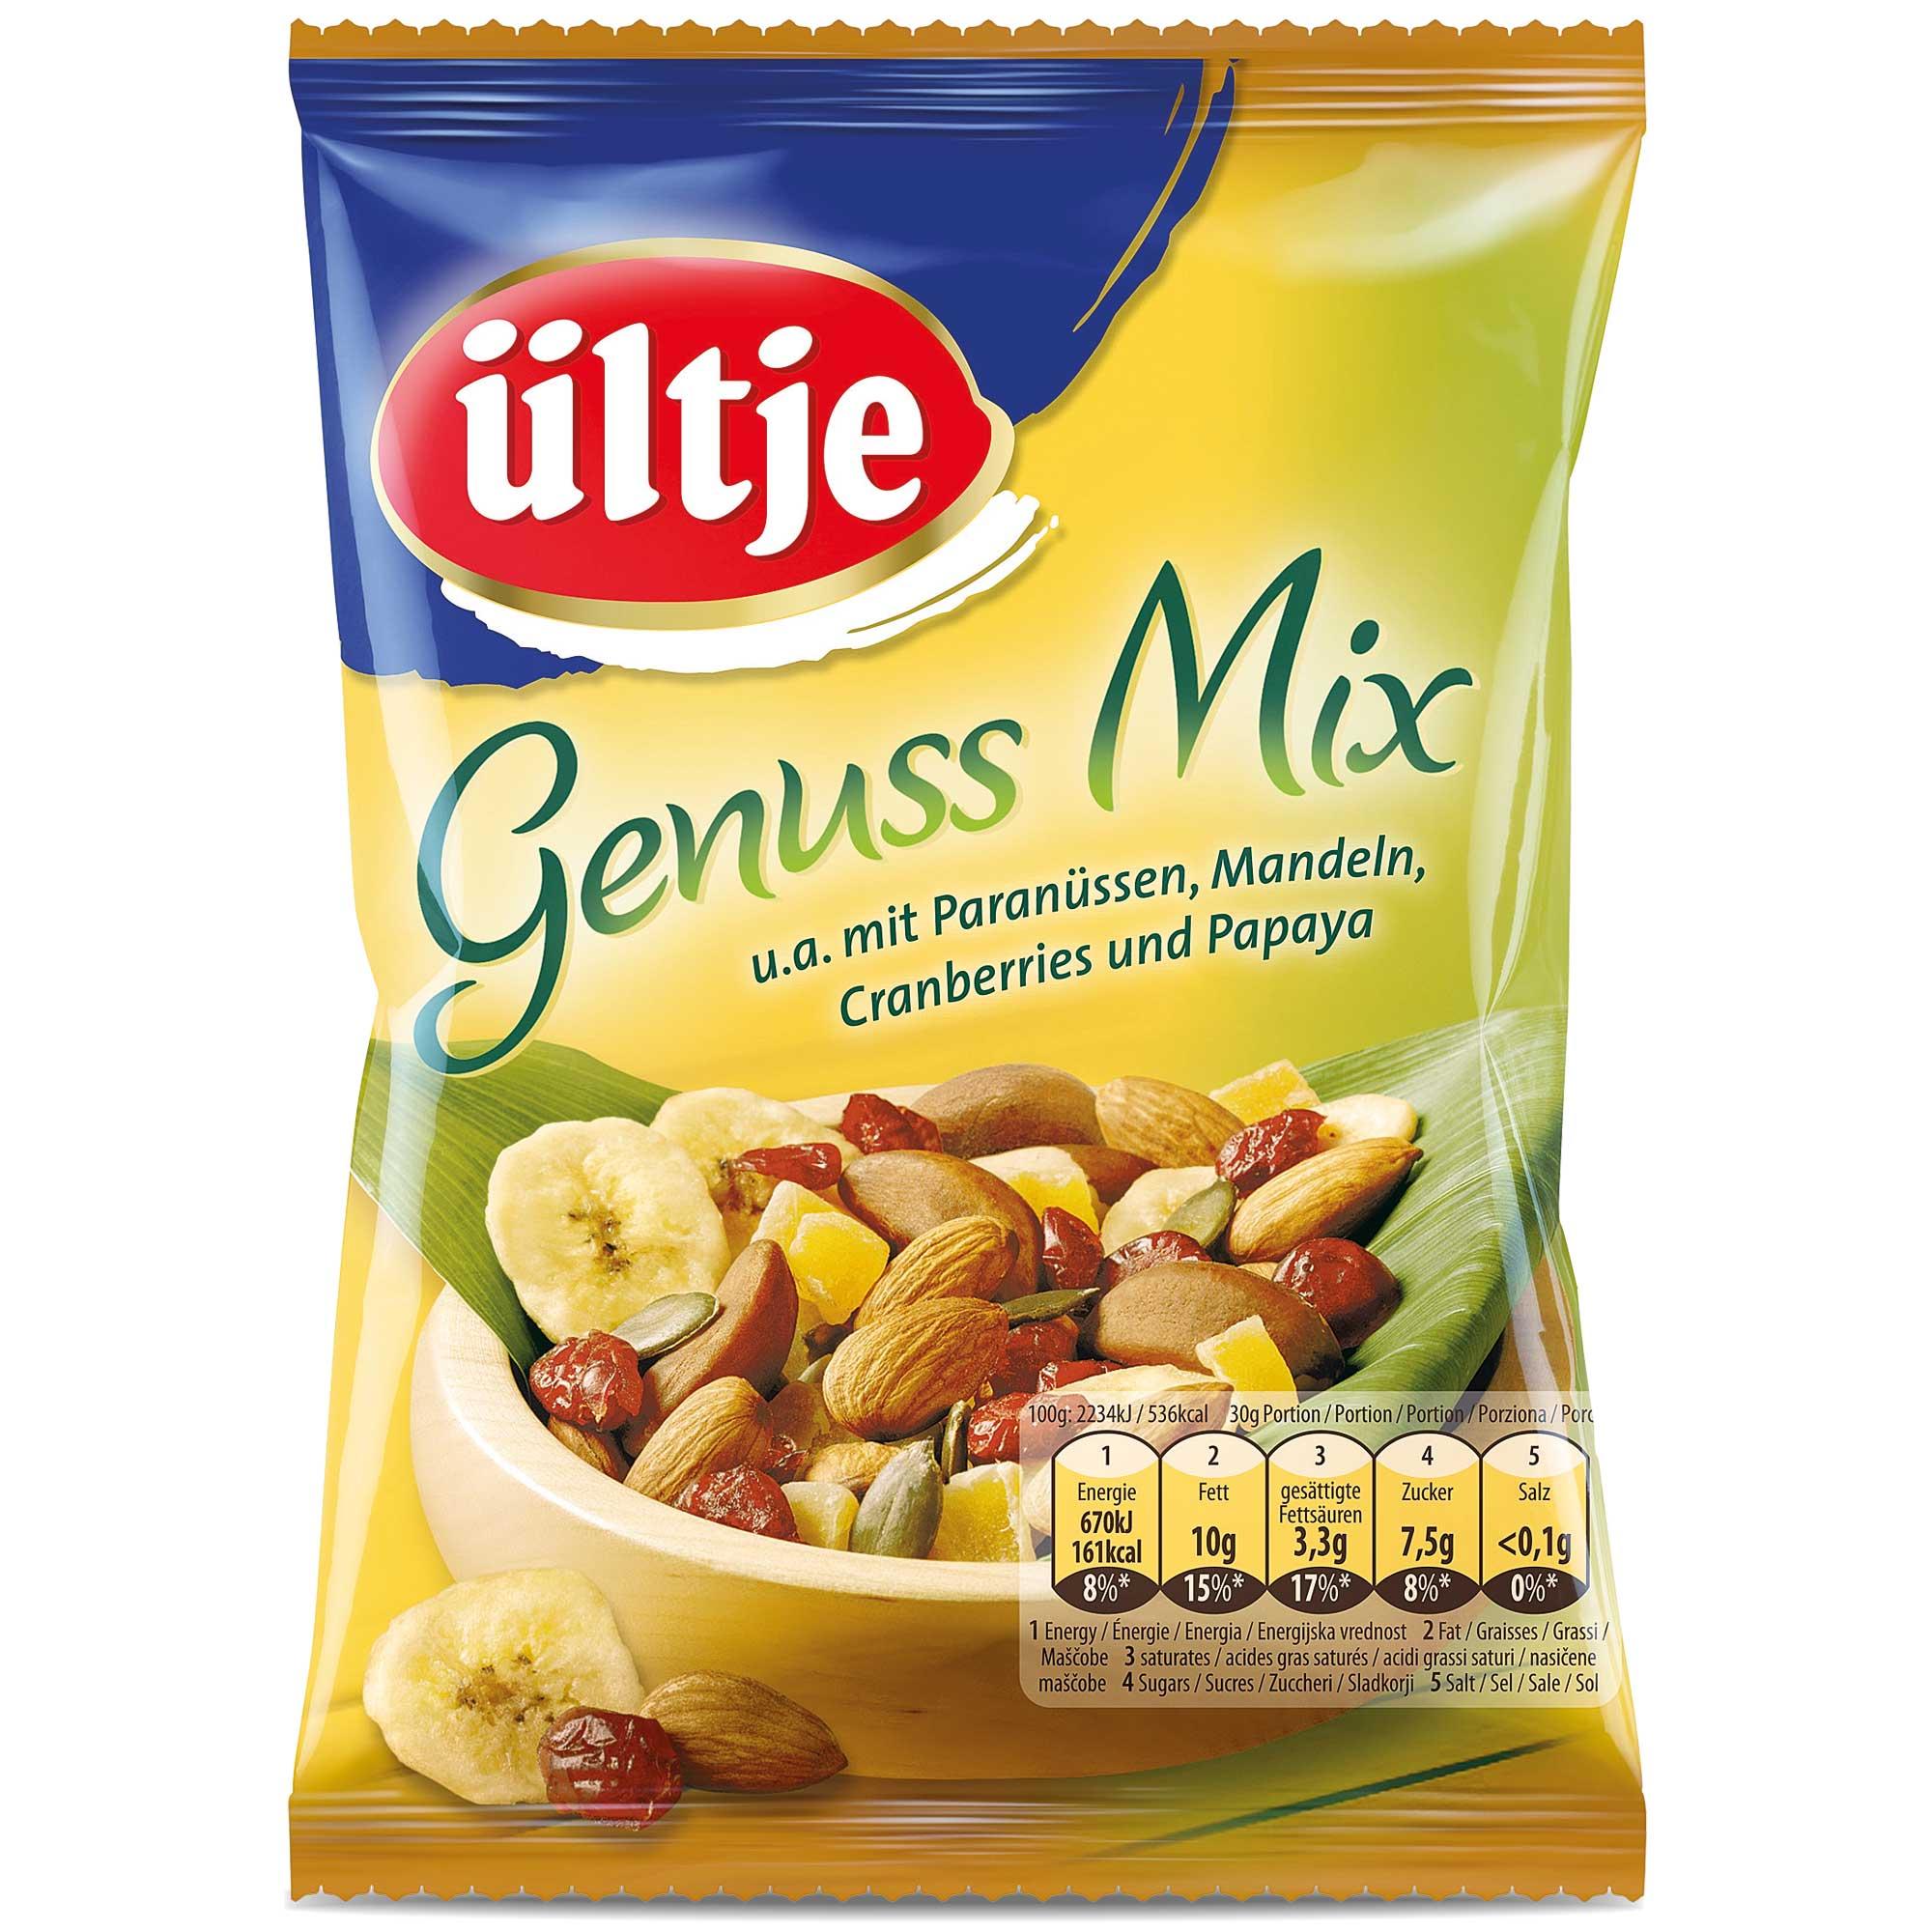 Genuss Mix